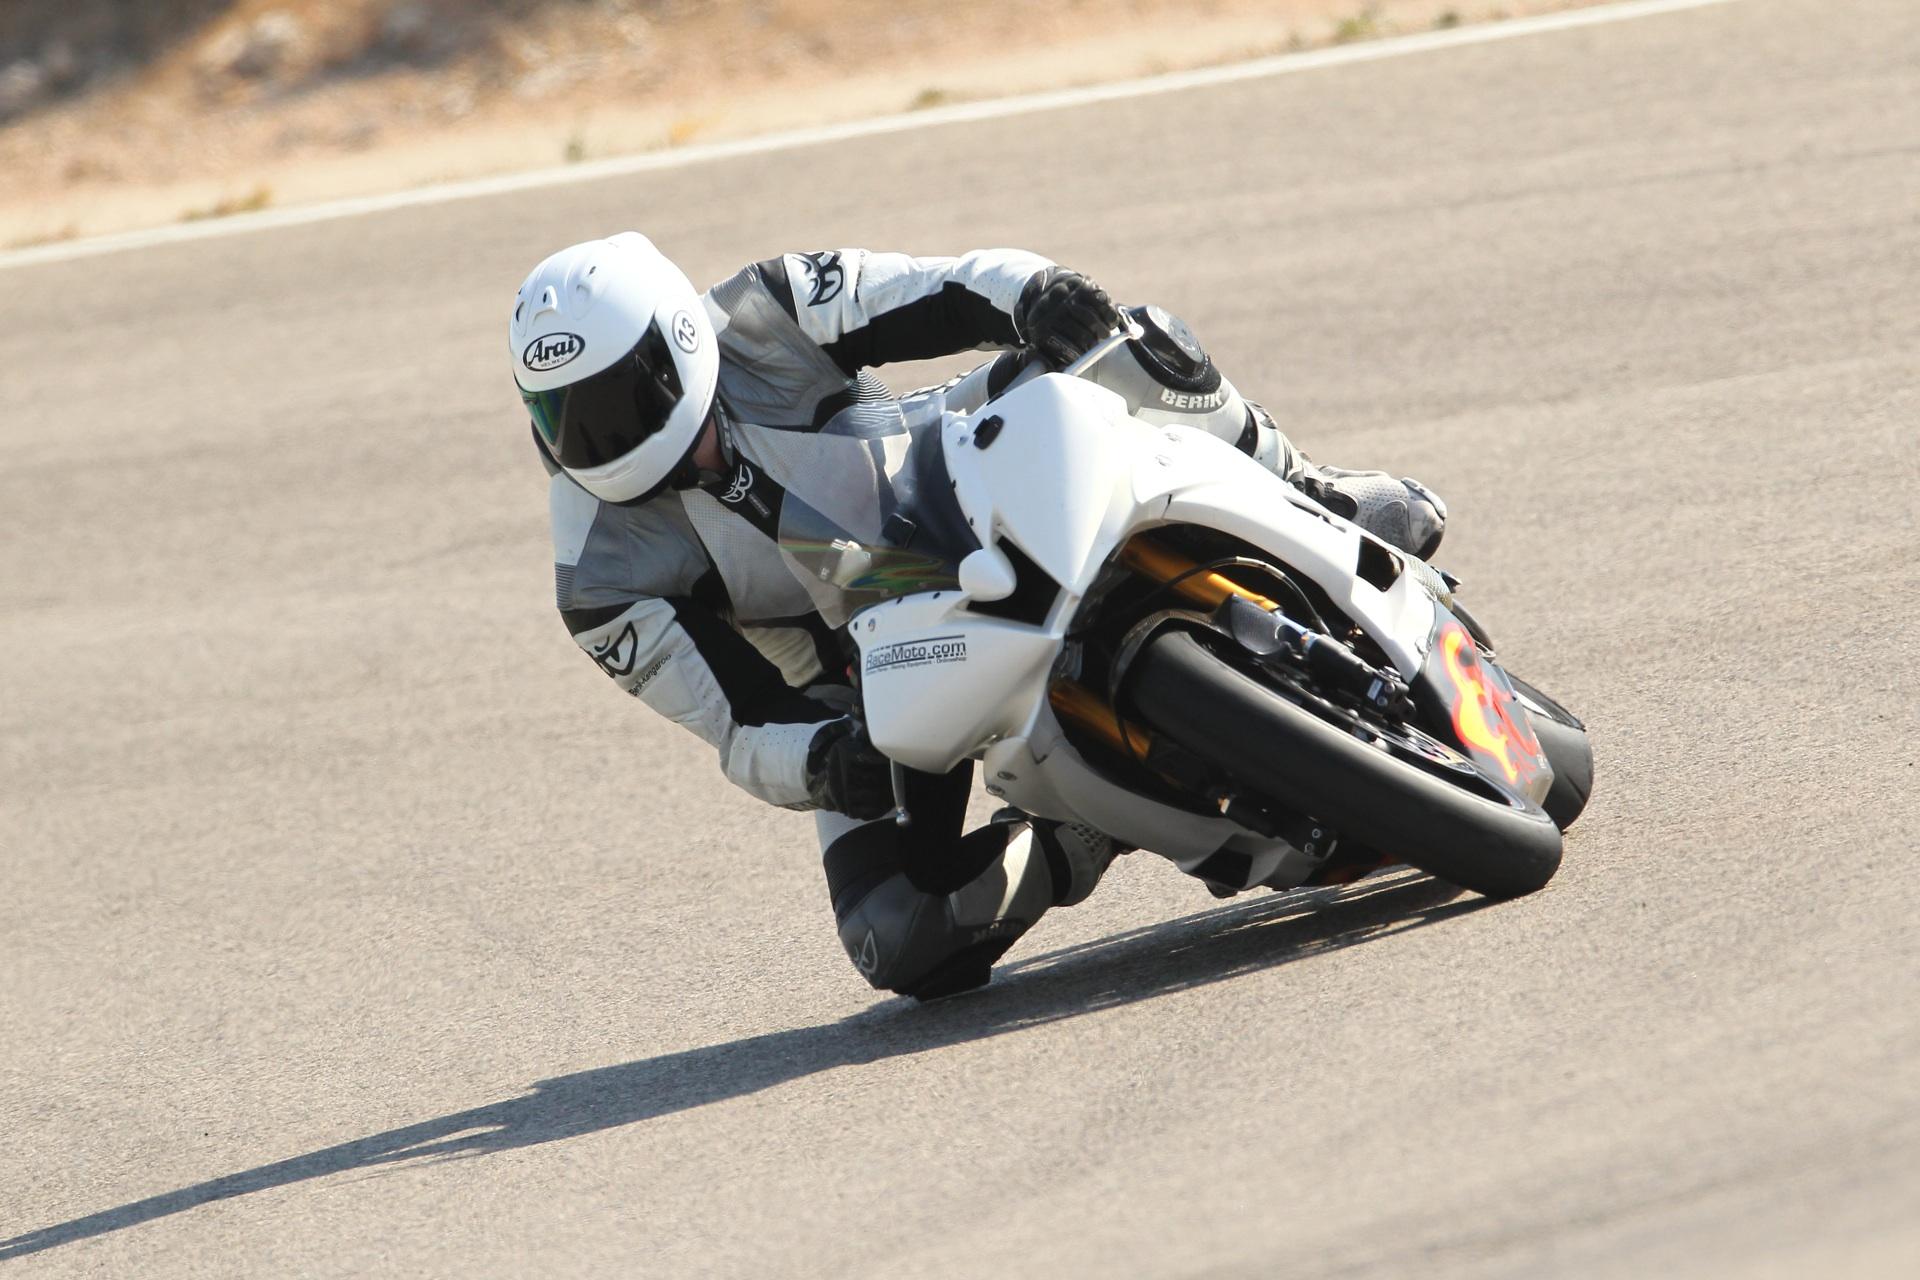 calafat_2012_racemoto_copyright_pixelrace_03